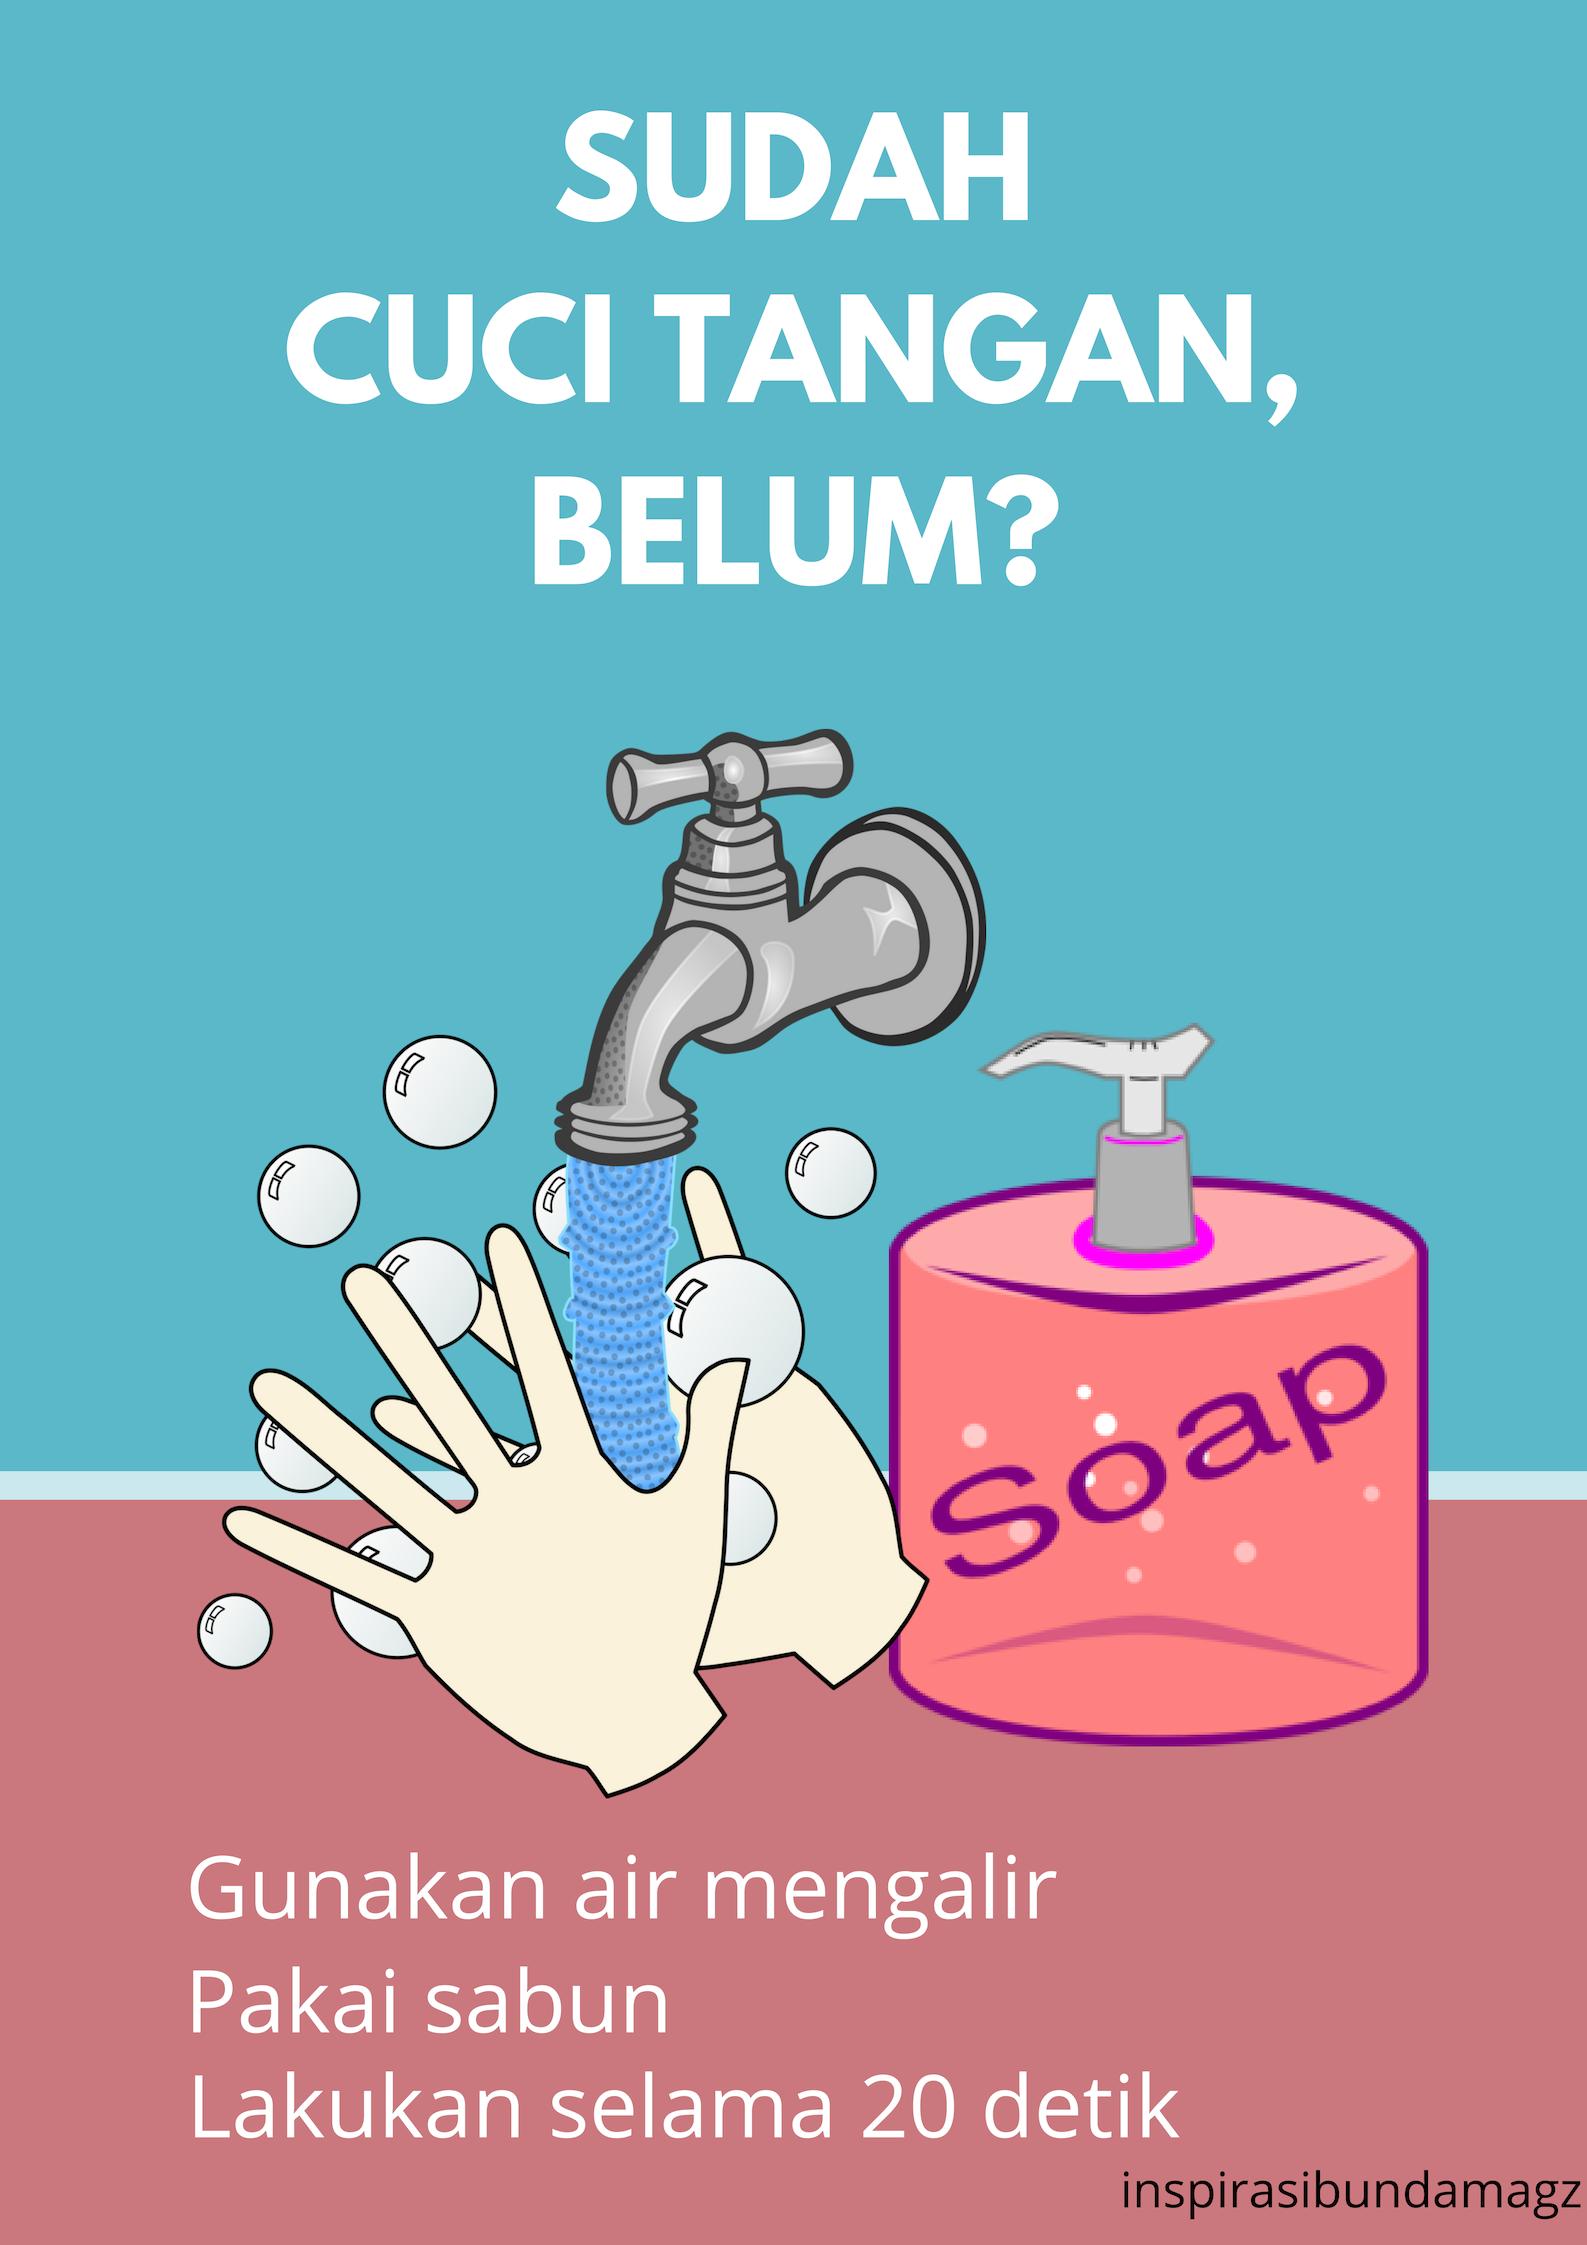 Gambar Kartun Mencuci Tangan Dengan Air Mengalir Jessy Gallery Mencuci Tangan Kartun Gambar Kartun